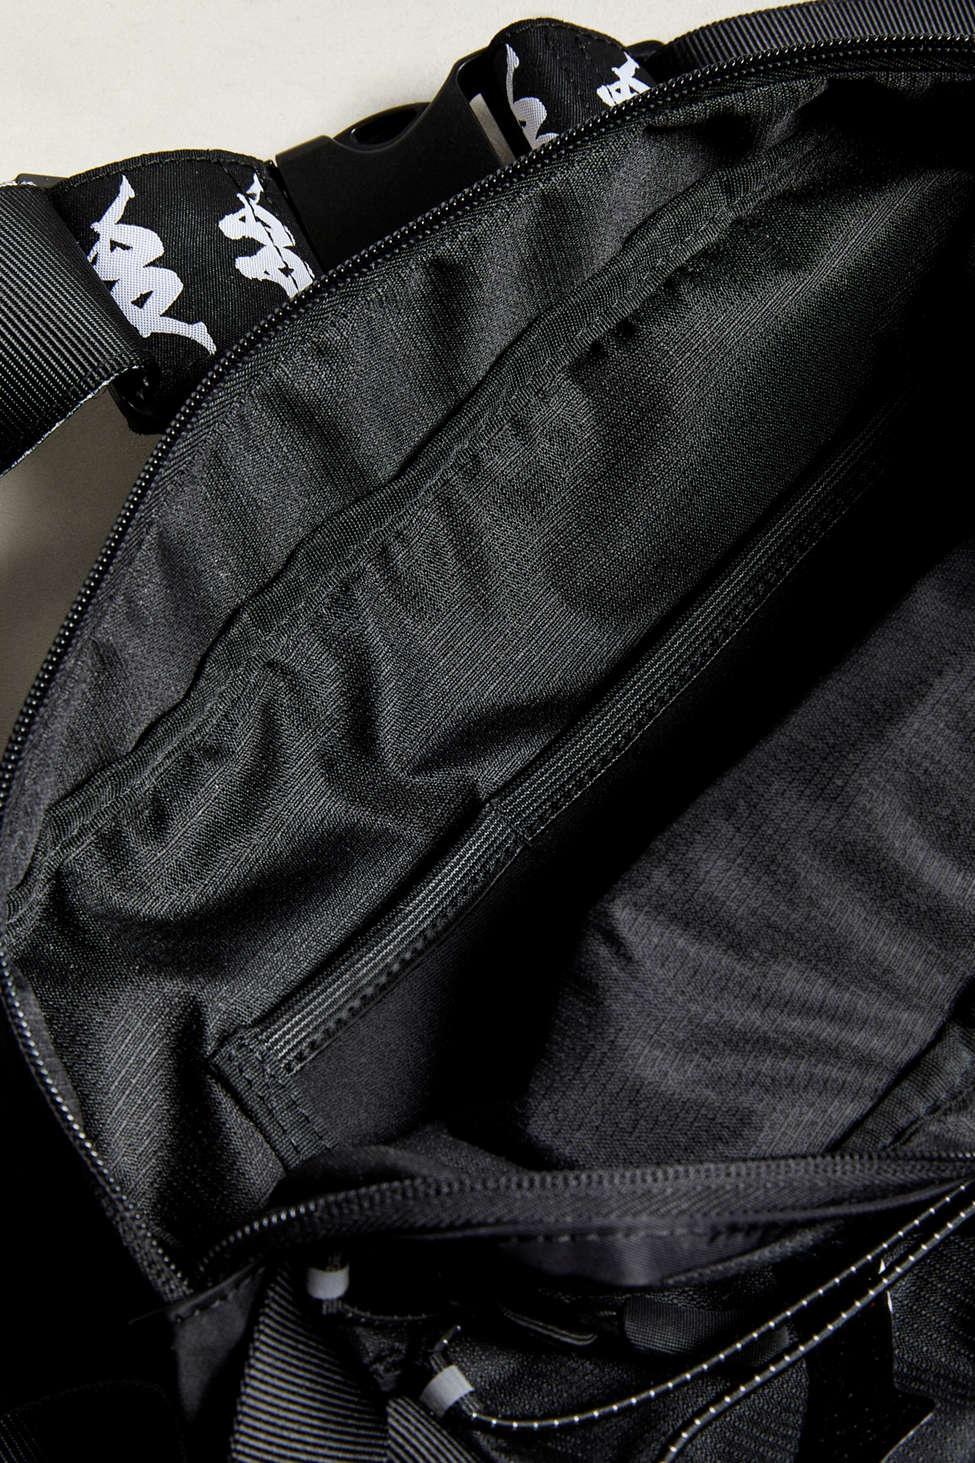 6d6748535b Kappa Premium Sling Bag in Black for Men - Lyst